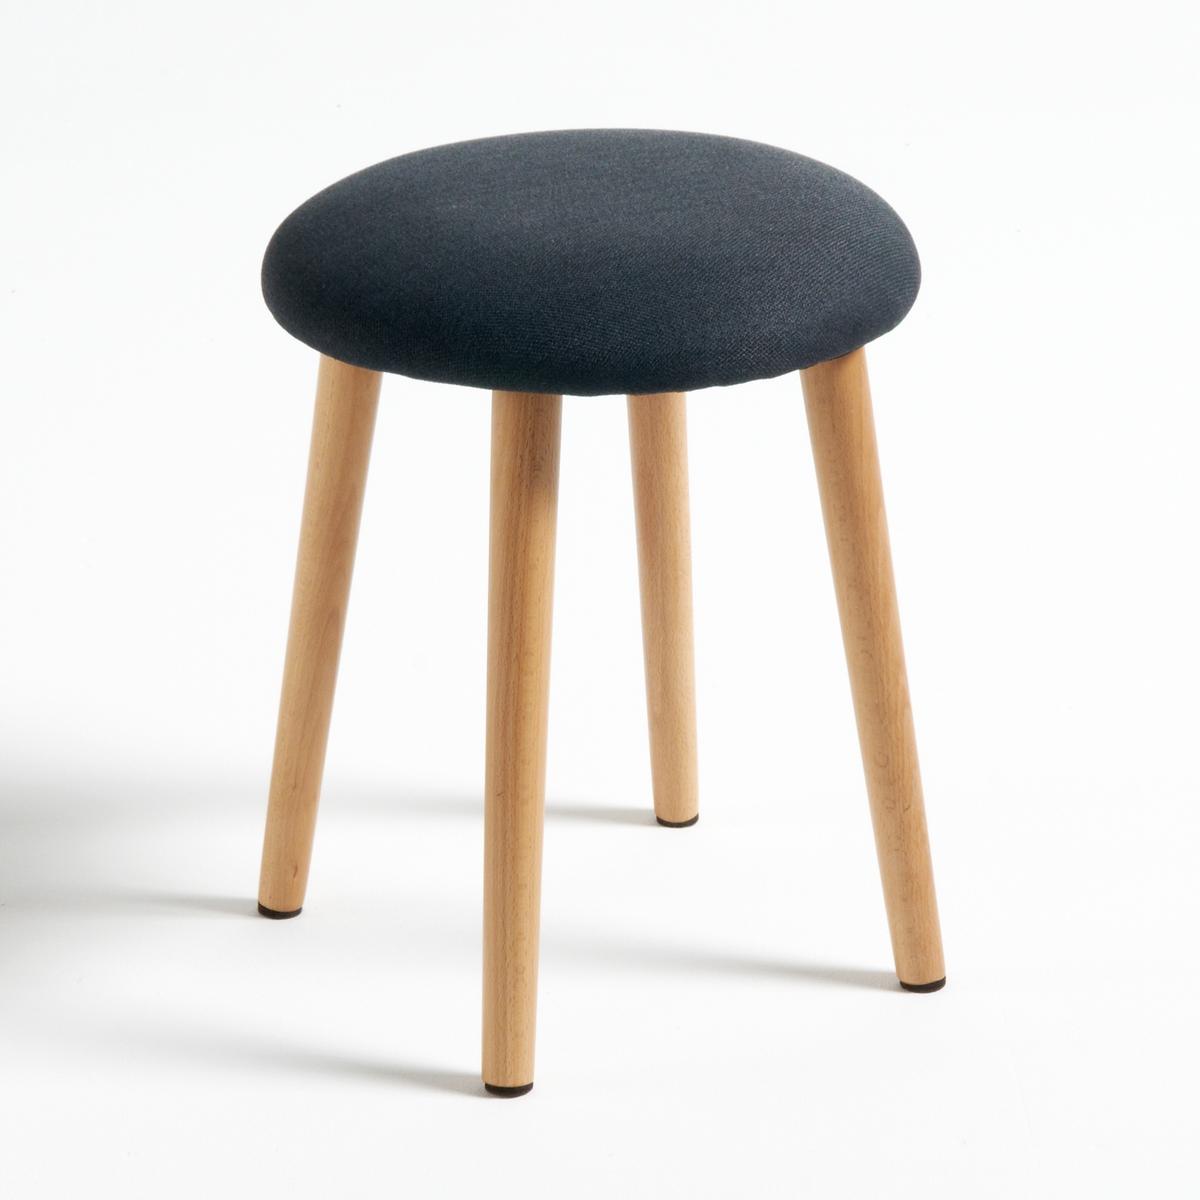 Табурет La Redoute Мягкий Jimi единый размер черный стол la redoute письменный из массива сосны на треноге jimi единый размер белый